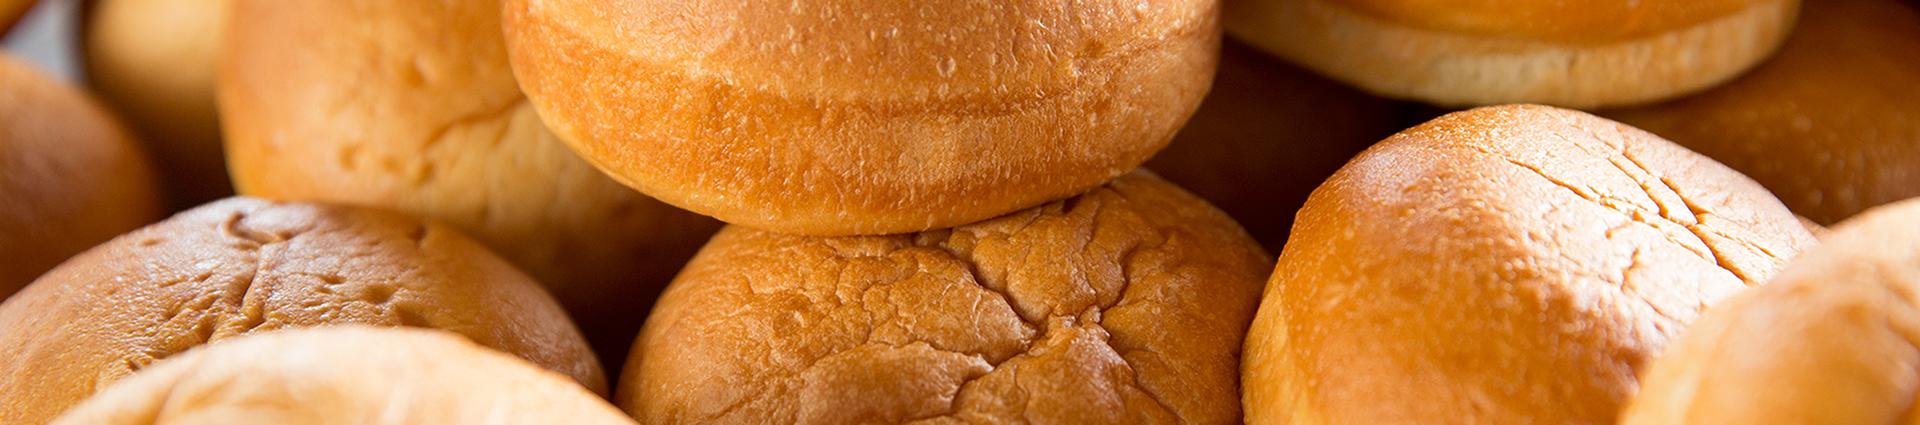 Brot/Teigwaren